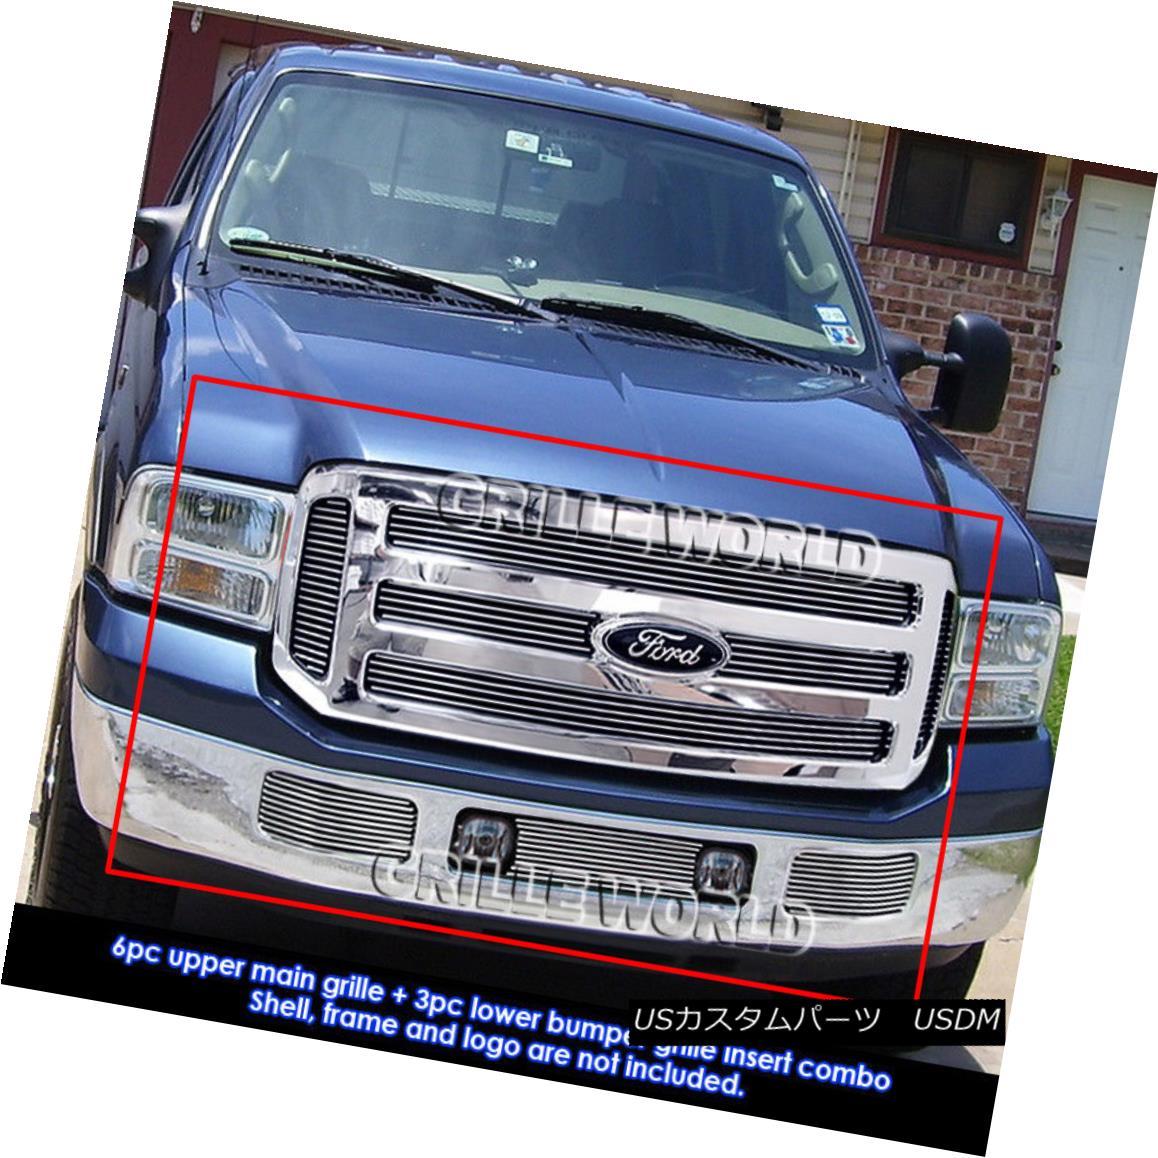 【在庫限り】 グリル Insert Fits 2005-2007 Ford Excursion F250/F250/F350 SD Billet Ford Grille Grill Insert Combo フィット2005-2007フォードエクスカーション/ F250/ F350 SDビレットグリルグリルインサートコンボ, ディーズステーショナリー:8b705441 --- milklab.com